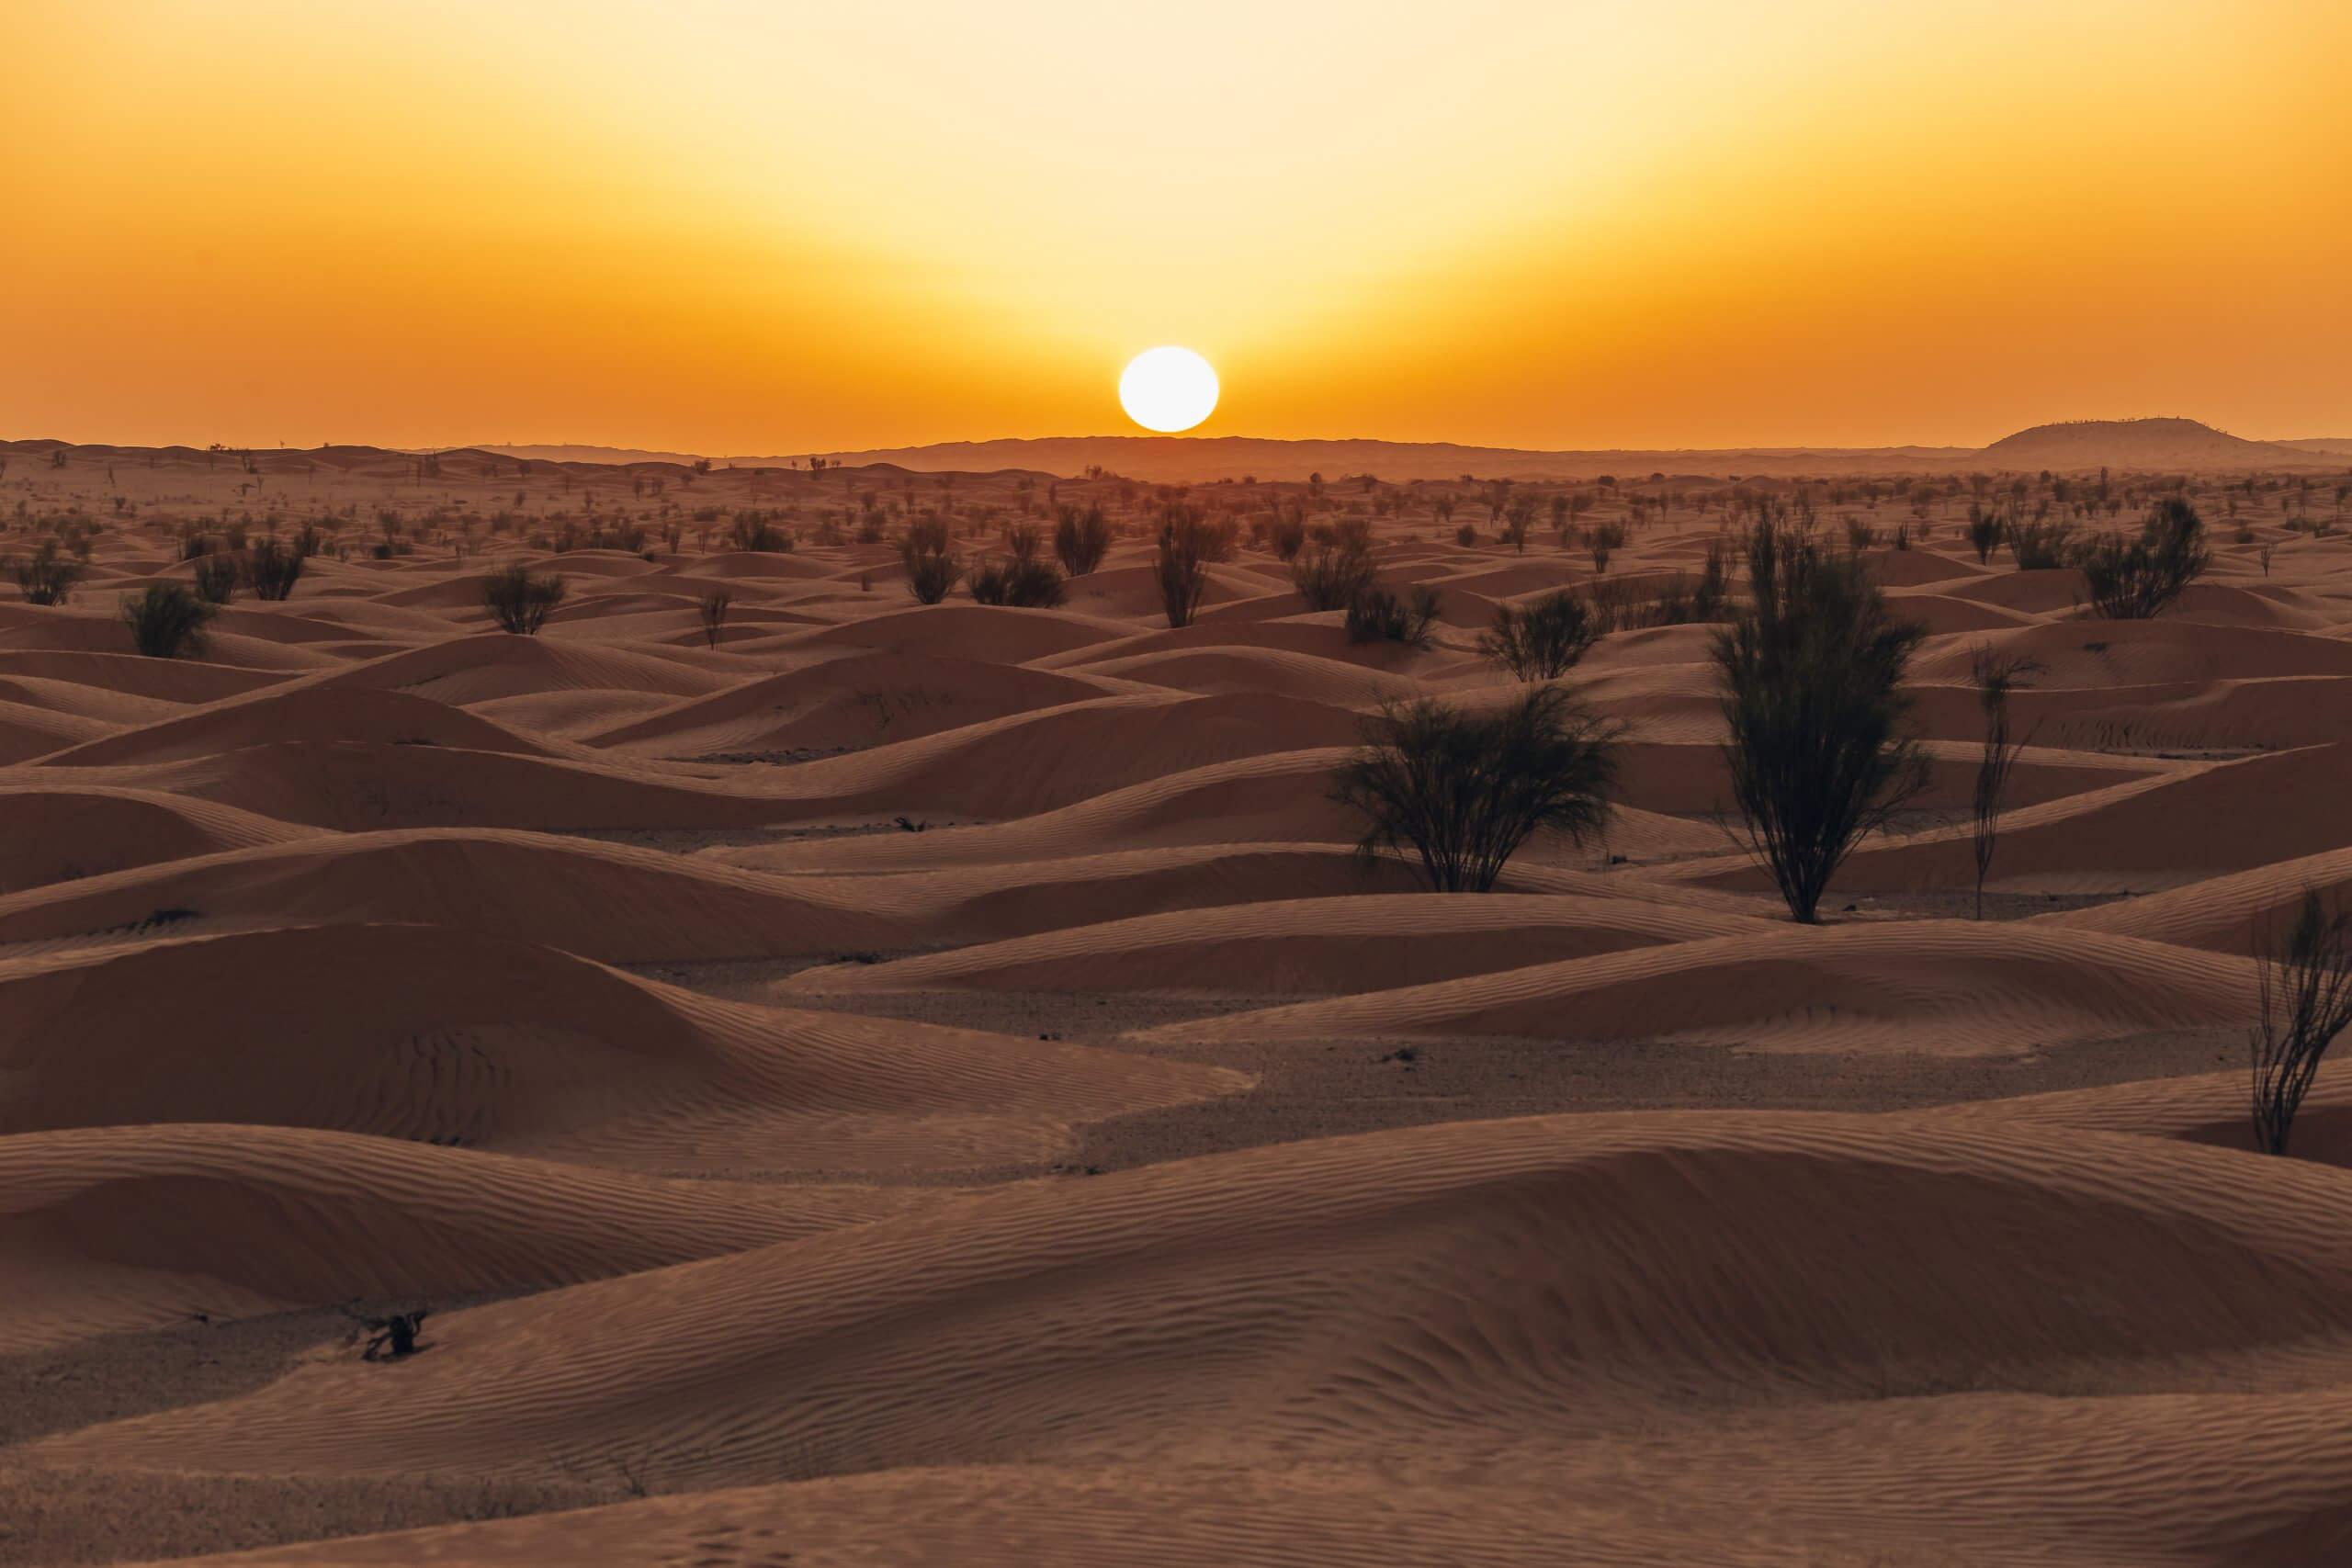 Sonnenuntergang in der Wüste Tunesien's